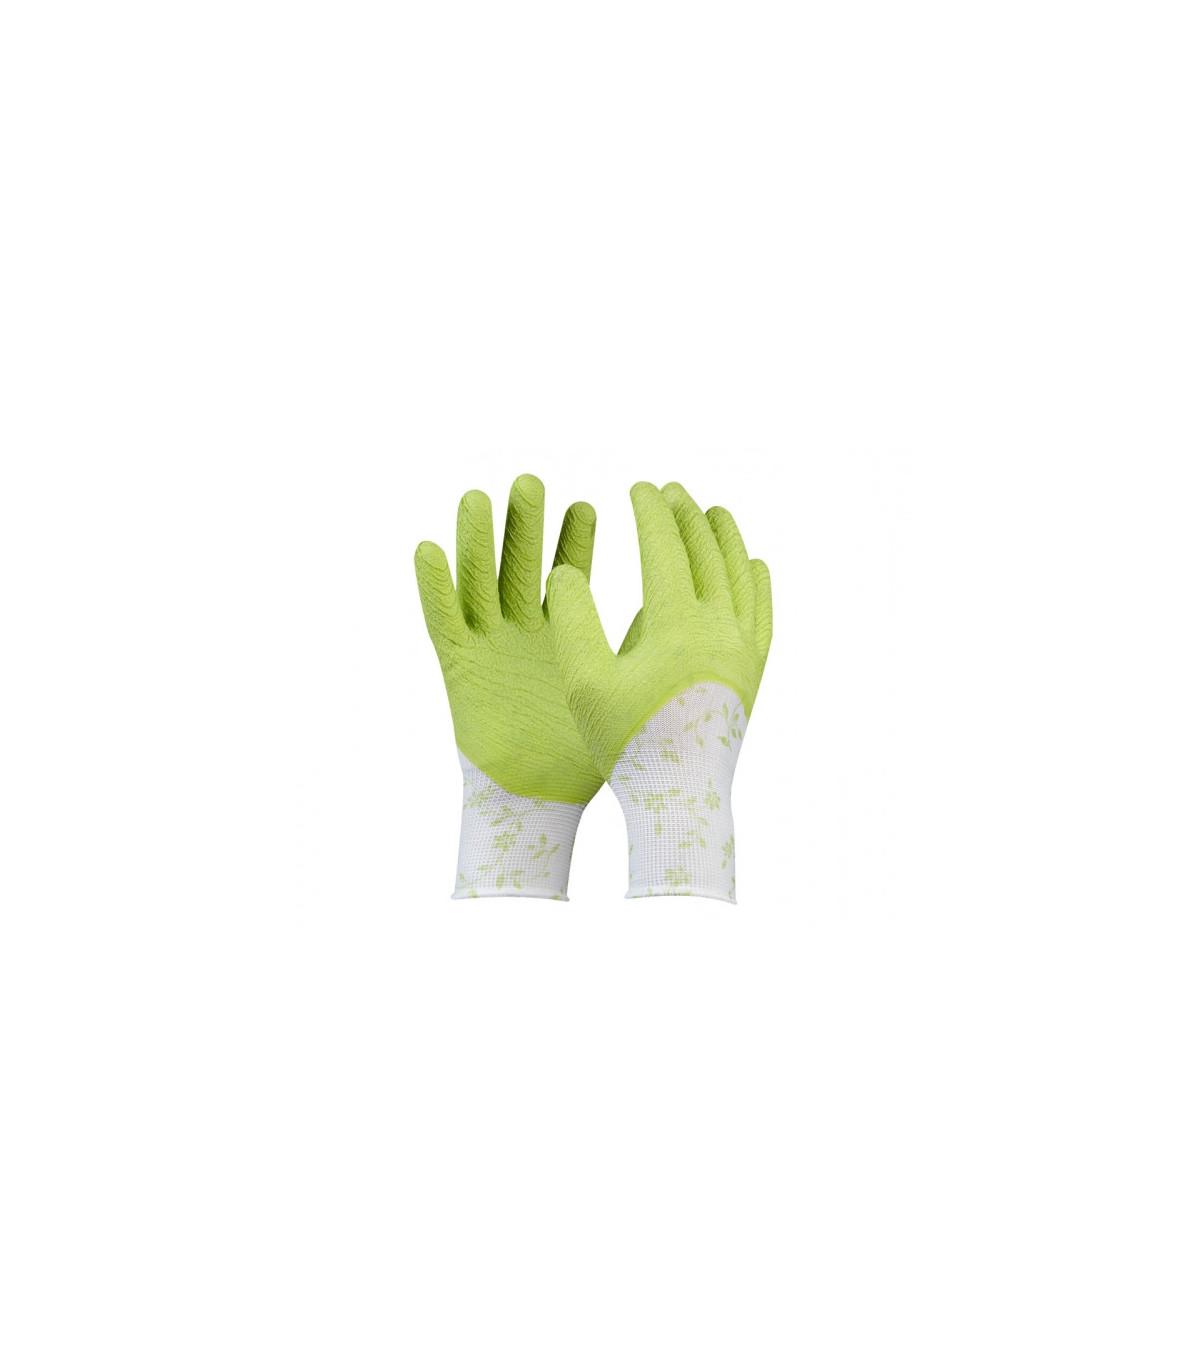 Pracovní rukavice Flower Green - dámské - 1 pár